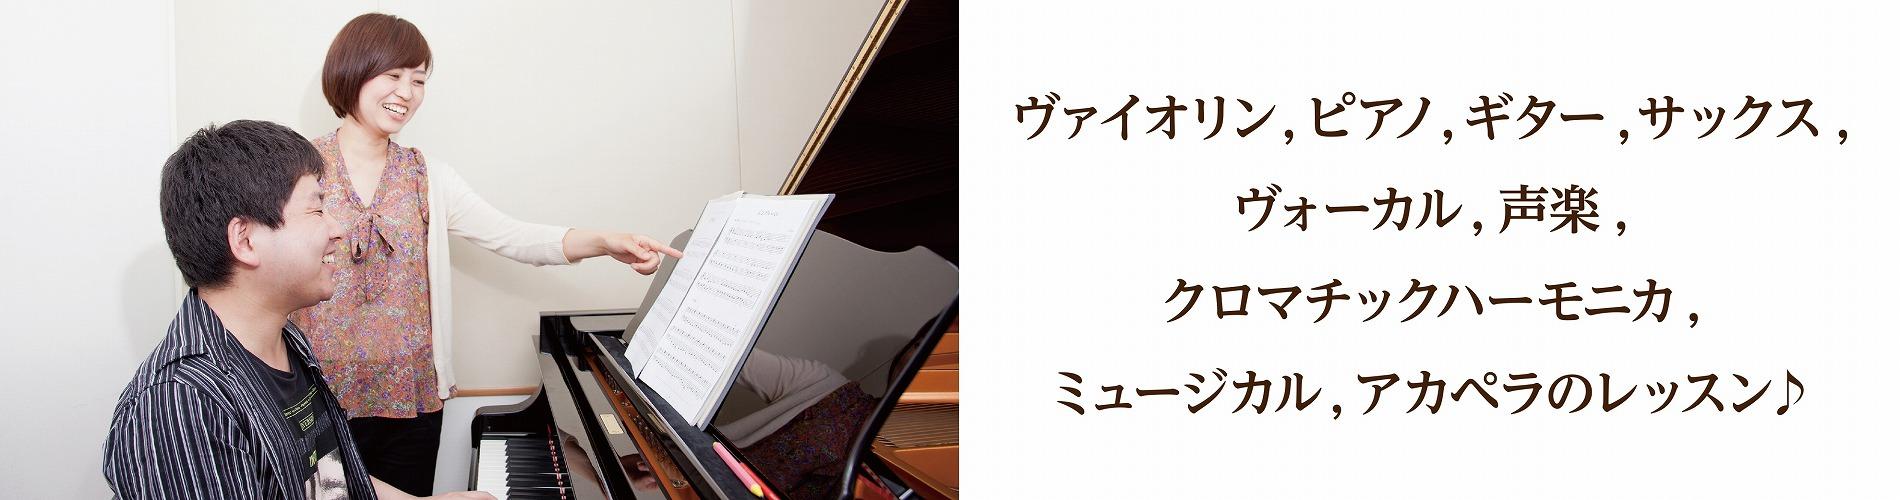 ミュージカル レッスン 赤坂